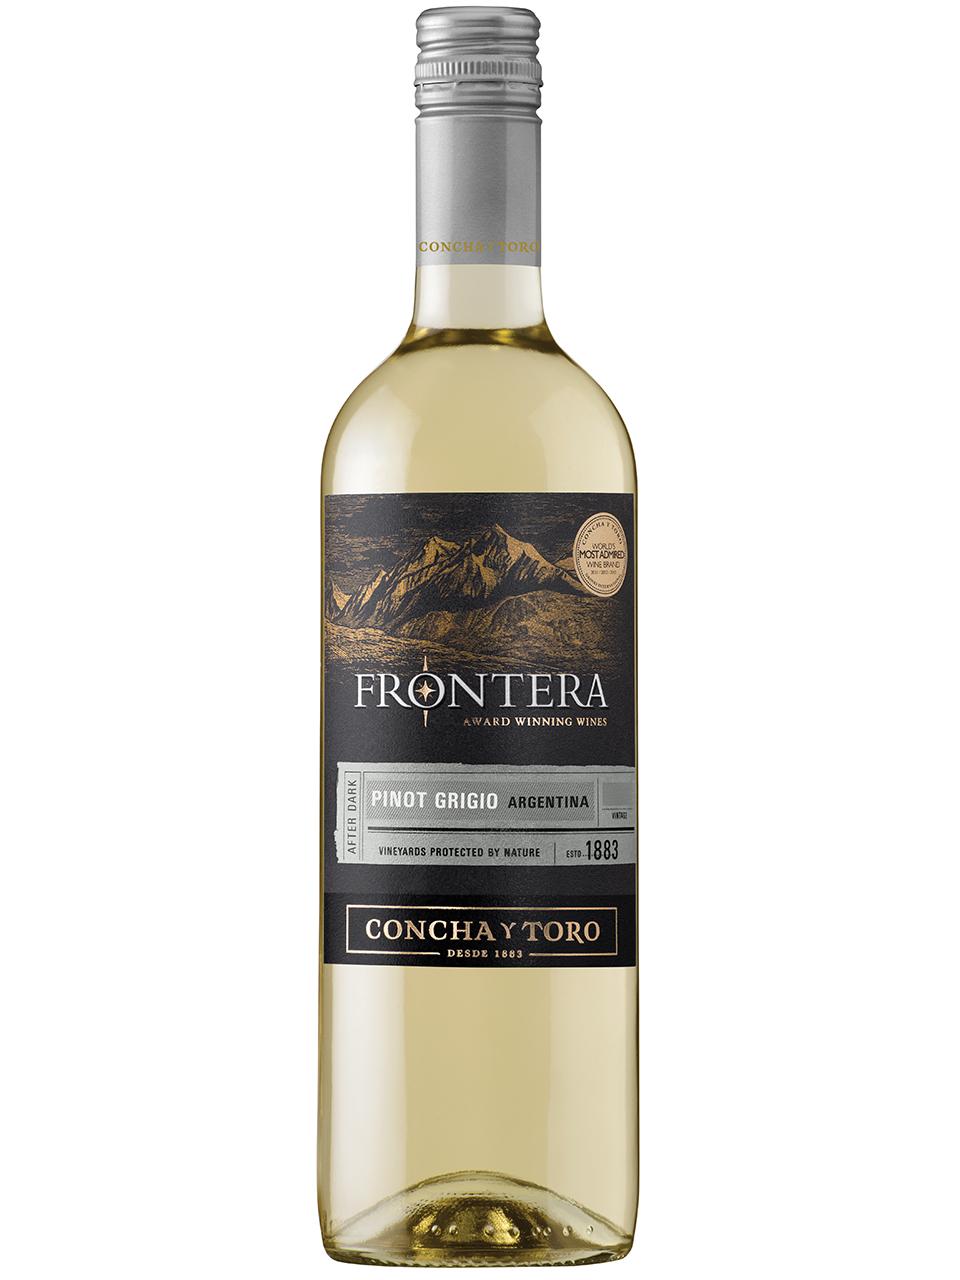 Concha Y Toro Frontera Pinot Grigio